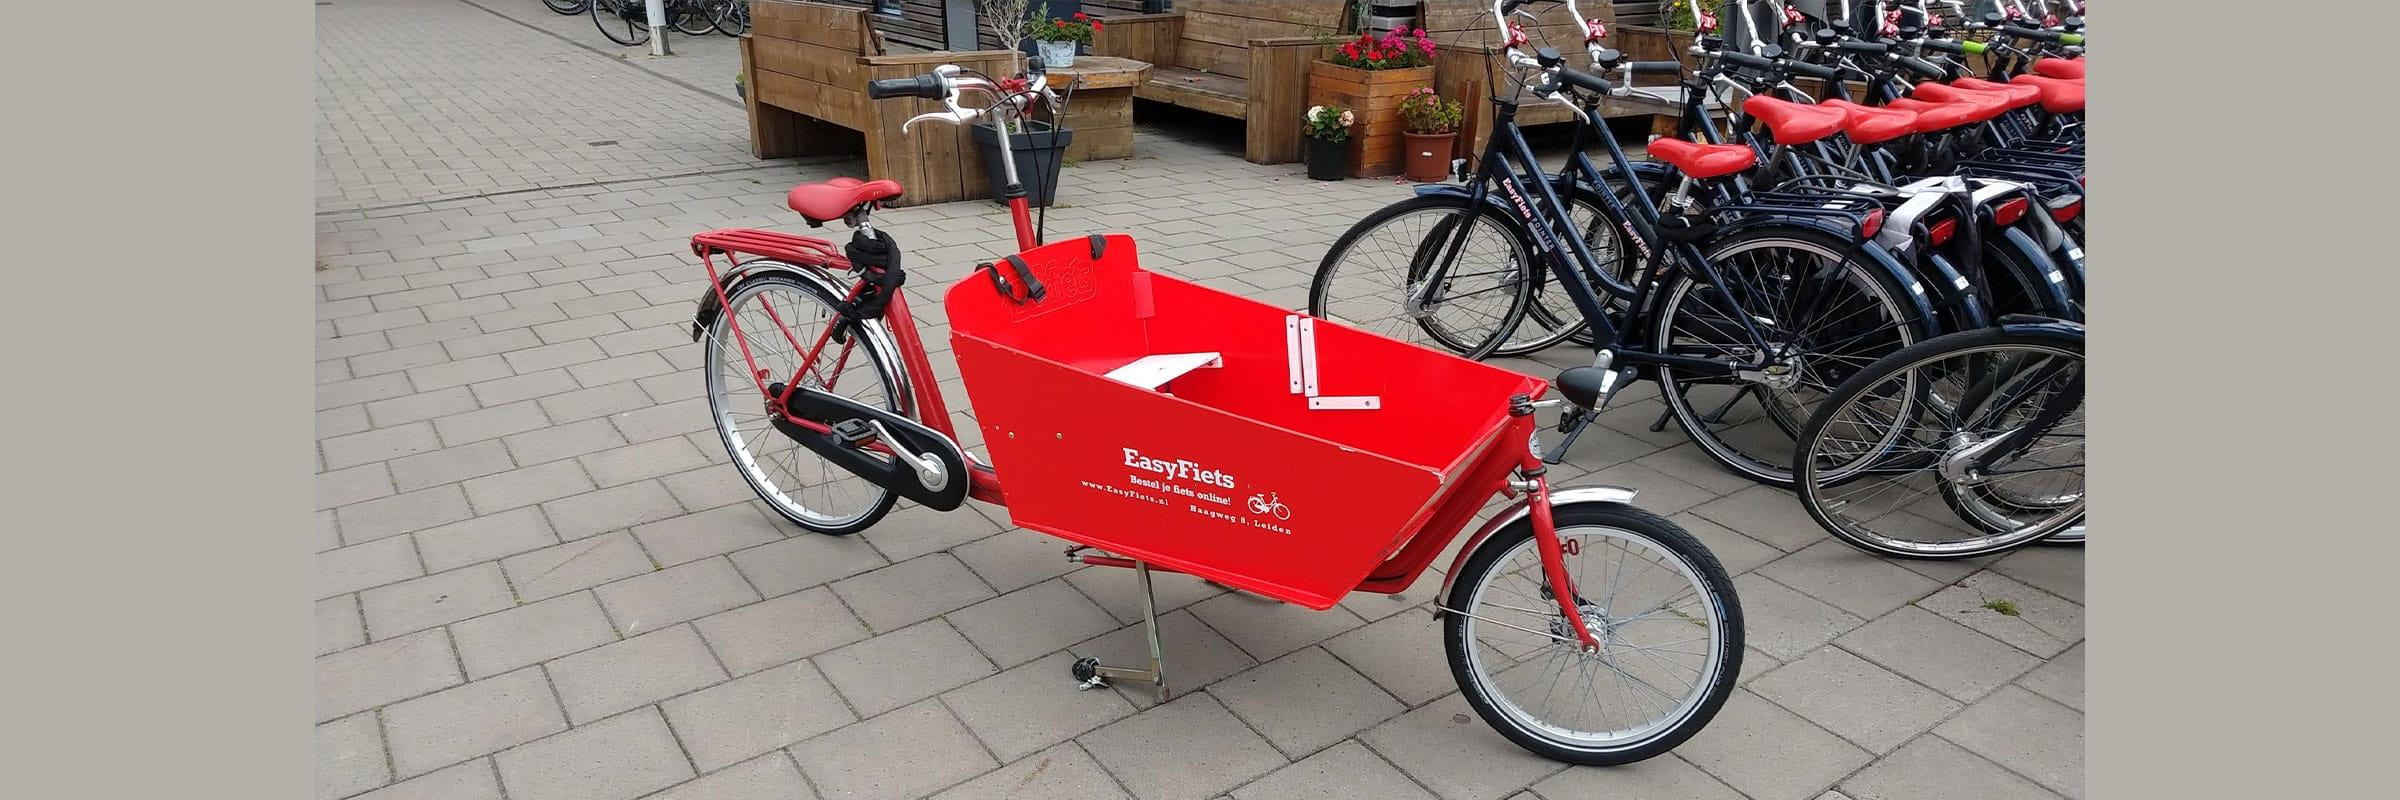 Huur een bakfiets van bakfiets.nl bij EasyFIets in Leiden. Deze tweewieler bakfiets kun je huren bij Fietsverhuur EasyFiets.